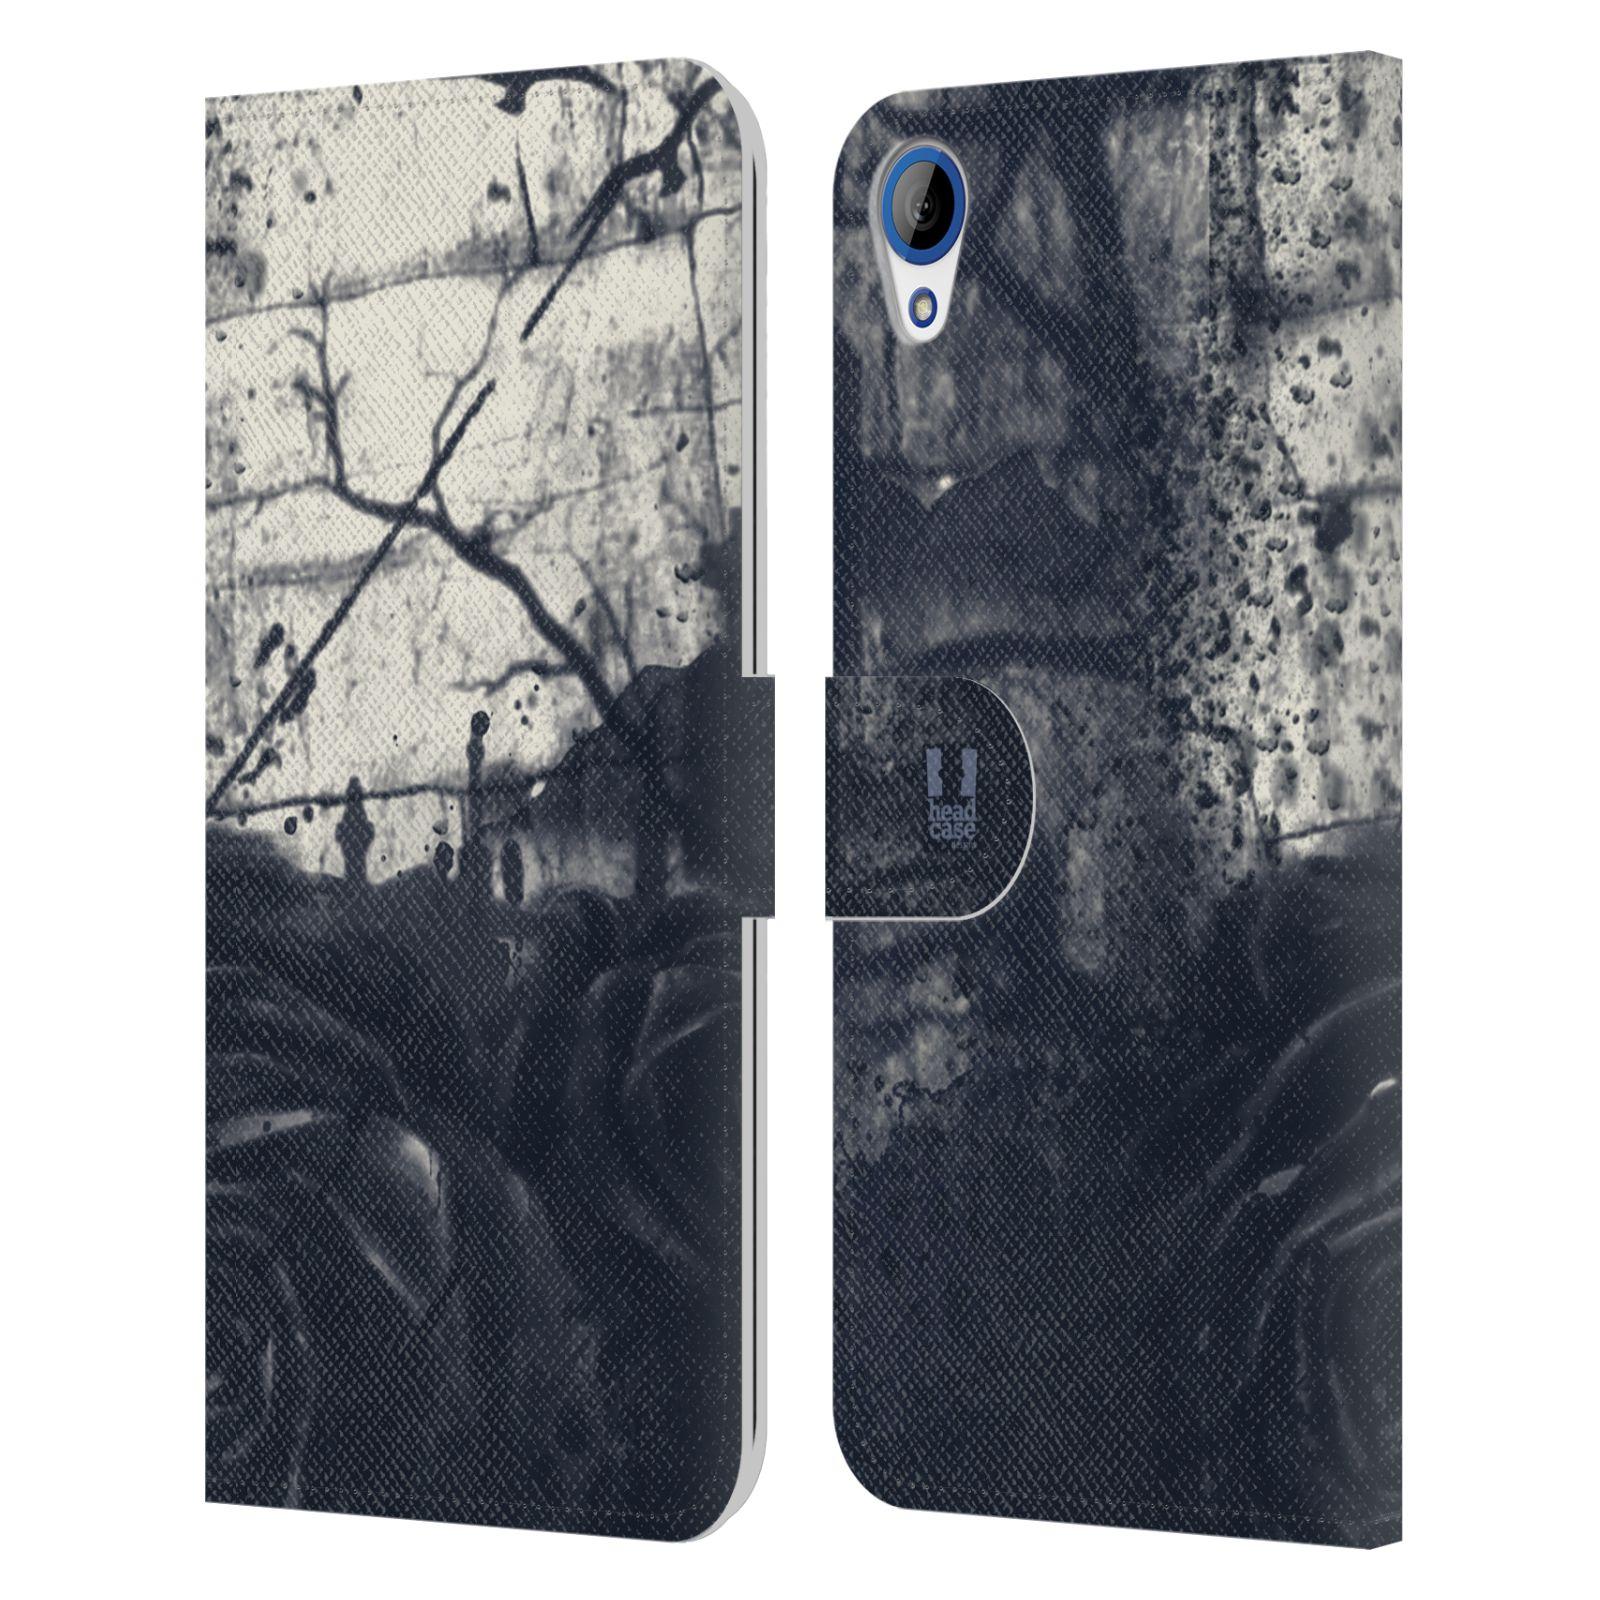 HEAD CASE Flipové pouzdro pro mobil HTC DESIRE 820 barevná malba květy tmavá růže